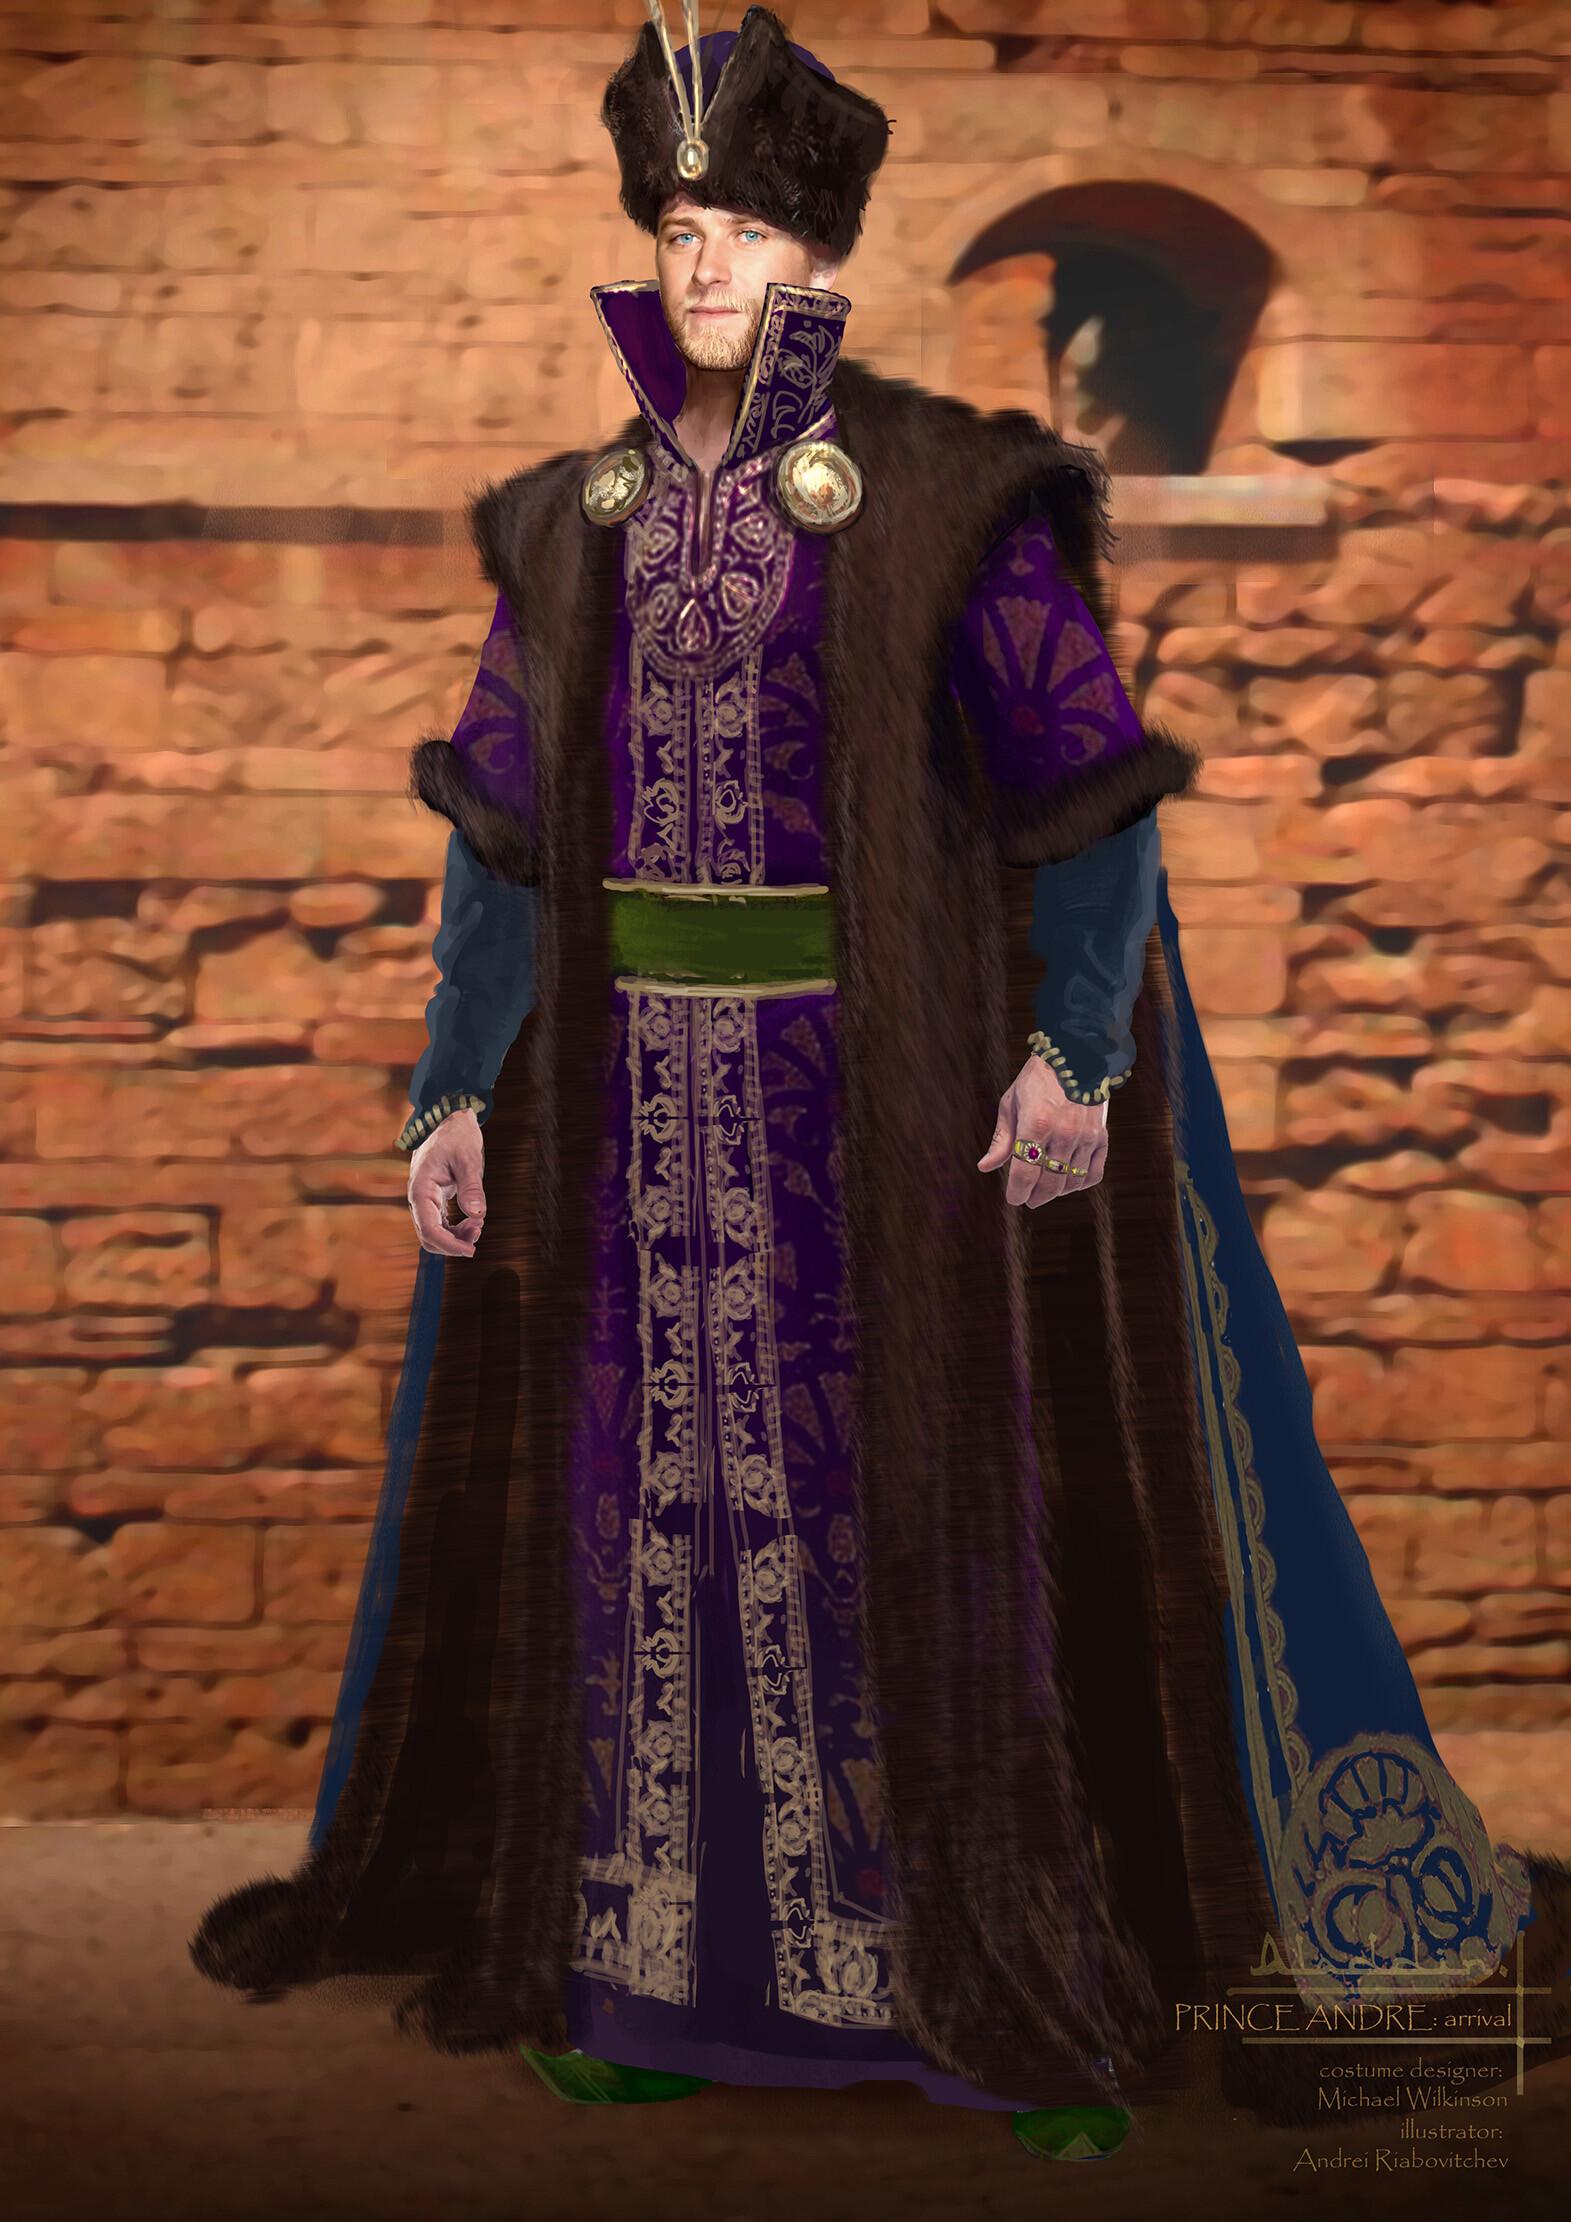 Aladdin [Disney - 2019] - Page 43 Andrei-riabovitchev-05-prince-andre-23-03-2017-arrival-001